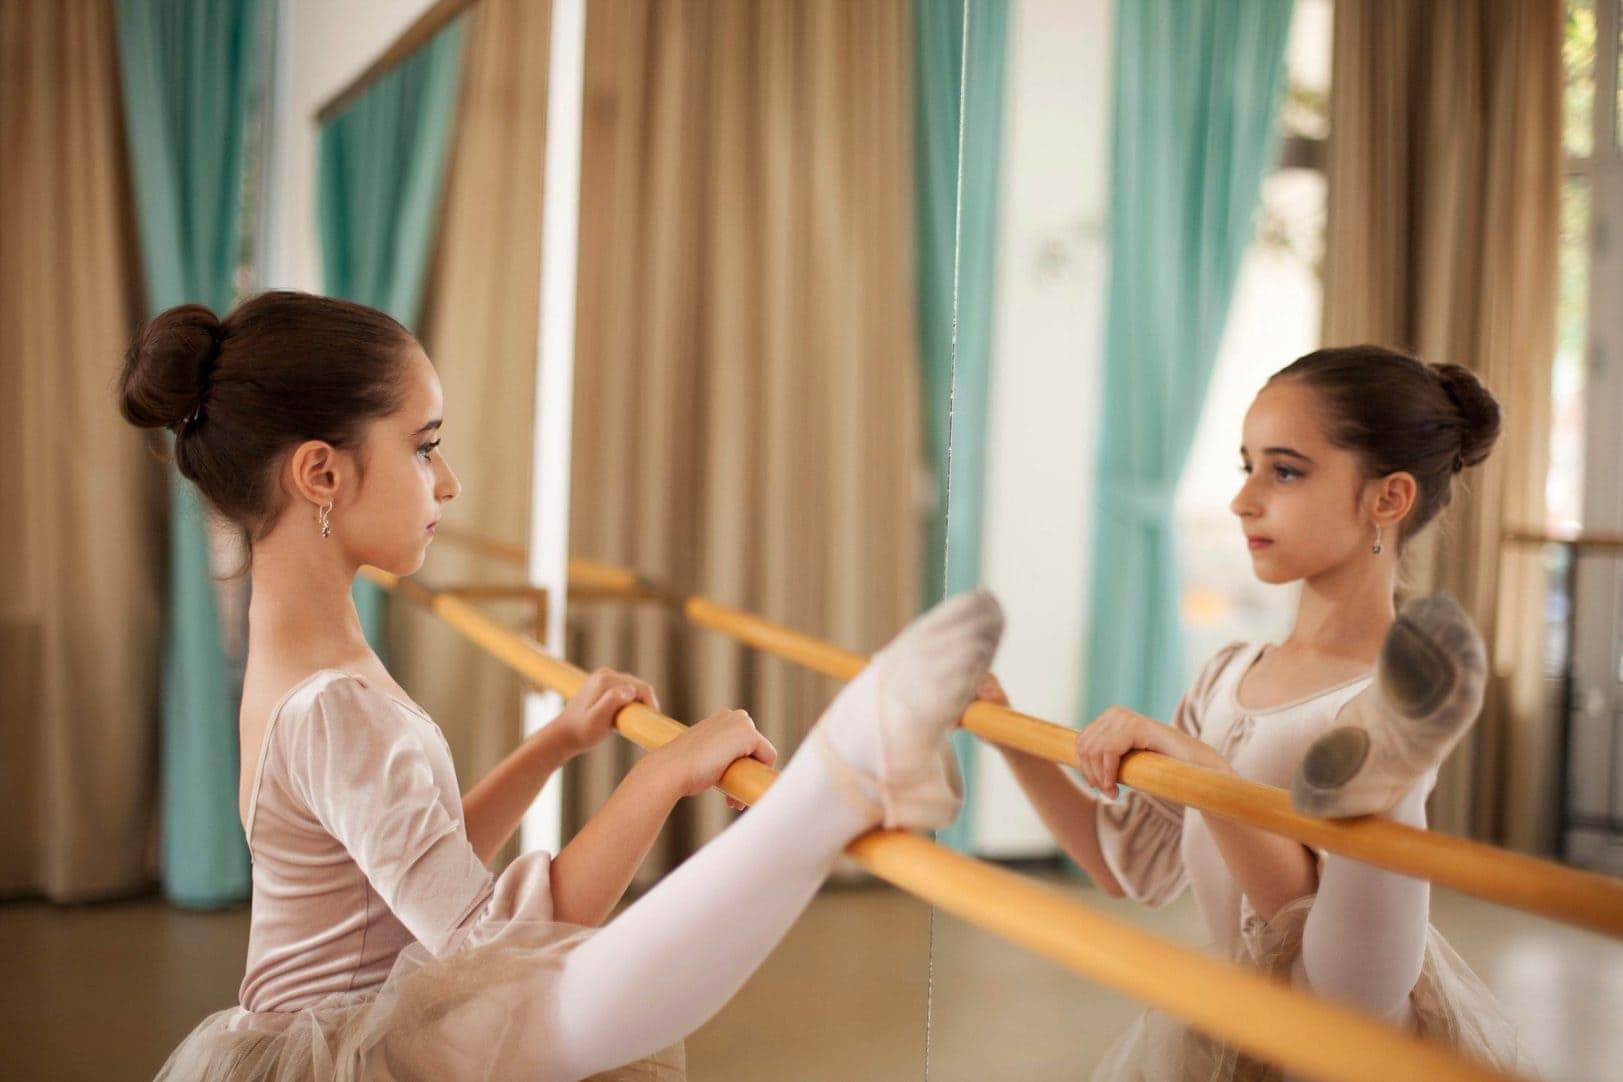 mylar-mirror-ballet